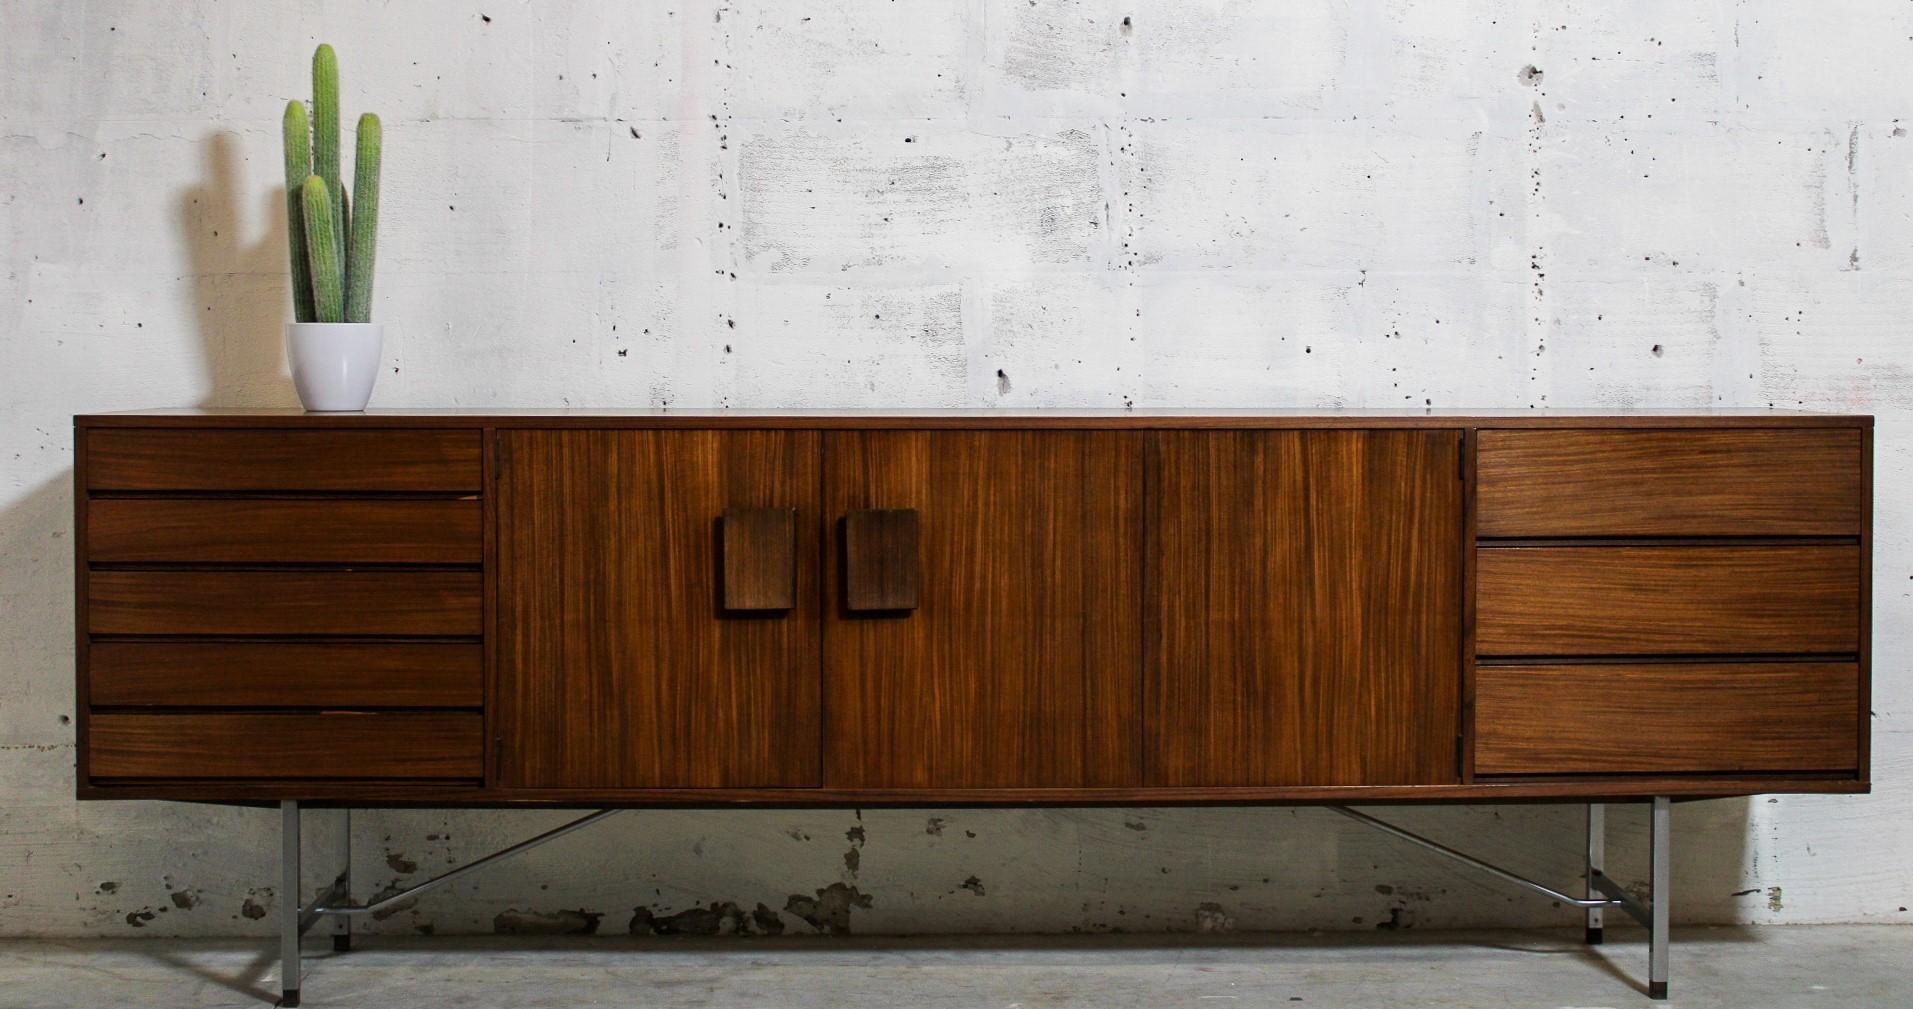 sideboard by Inger Klingenberg